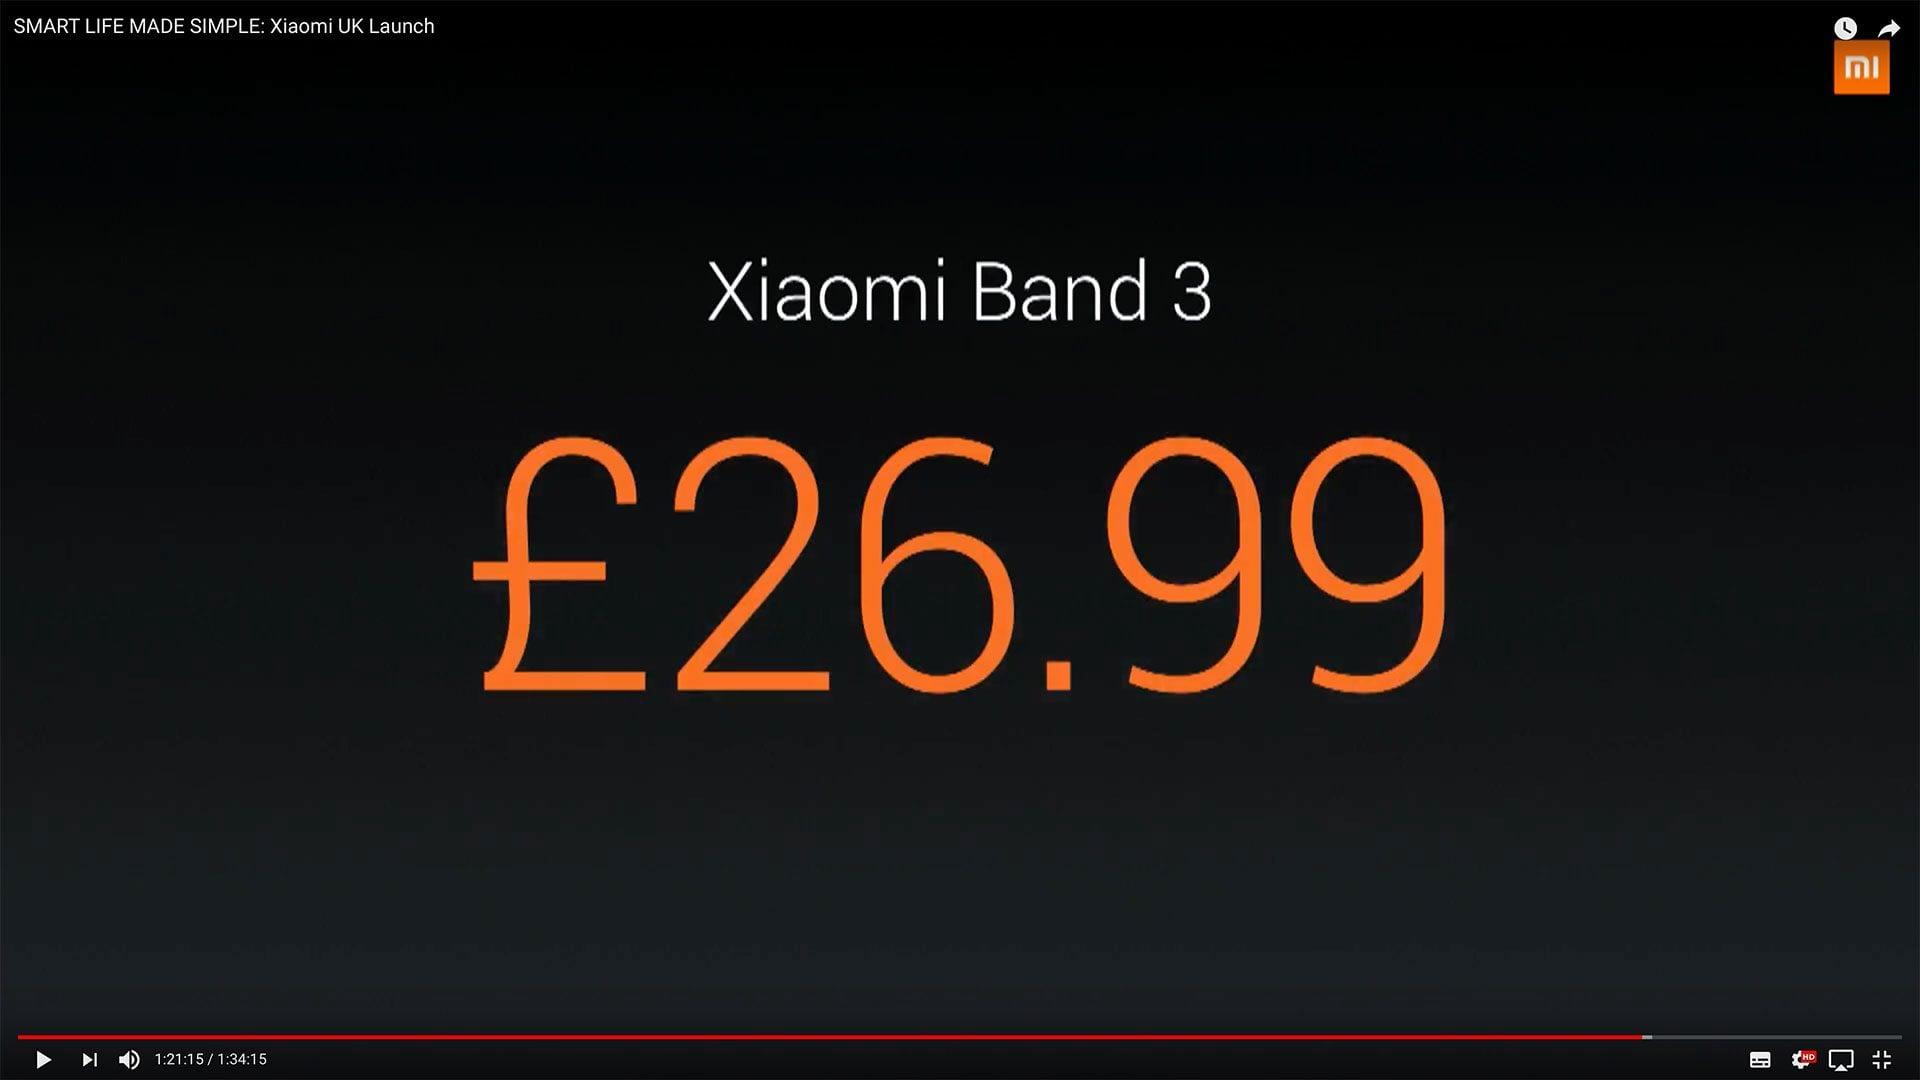 Xiaomi Launch Event UK –  Xiaomi nun offiziell im Vereinigten Königreich erhältlich 16 techboys.de • smarte News, auf den Punkt! Xiaomi Launch Event UK –  Xiaomi nun offiziell im Vereinigten Königreich erhältlich